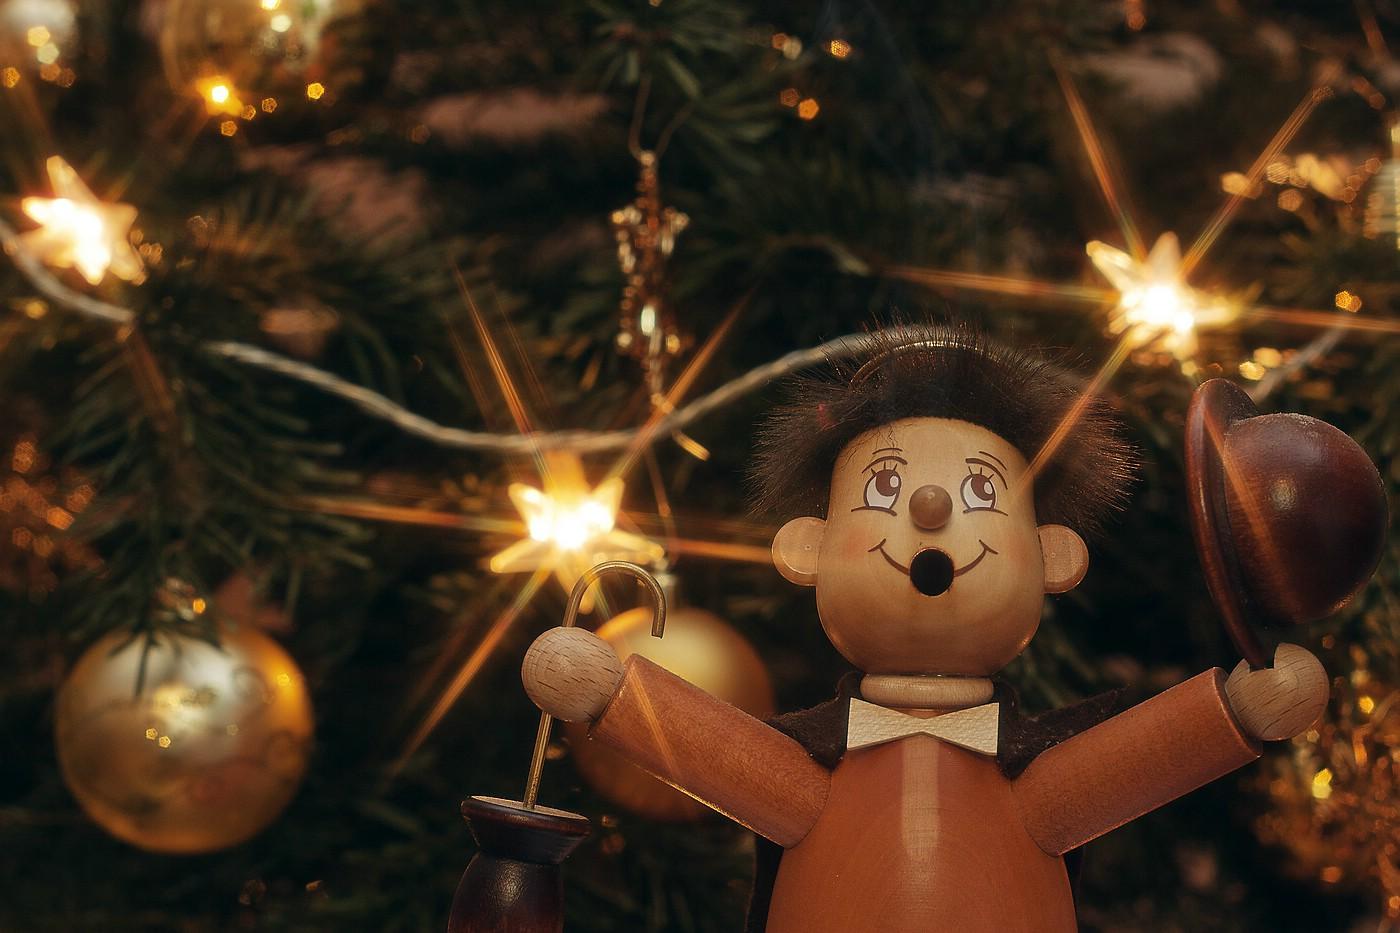 In Diesem Sinne Frohe Weihnachten.Frohe Weihnachten Digital Celluloid Vermischtes Aus Der Welt Der